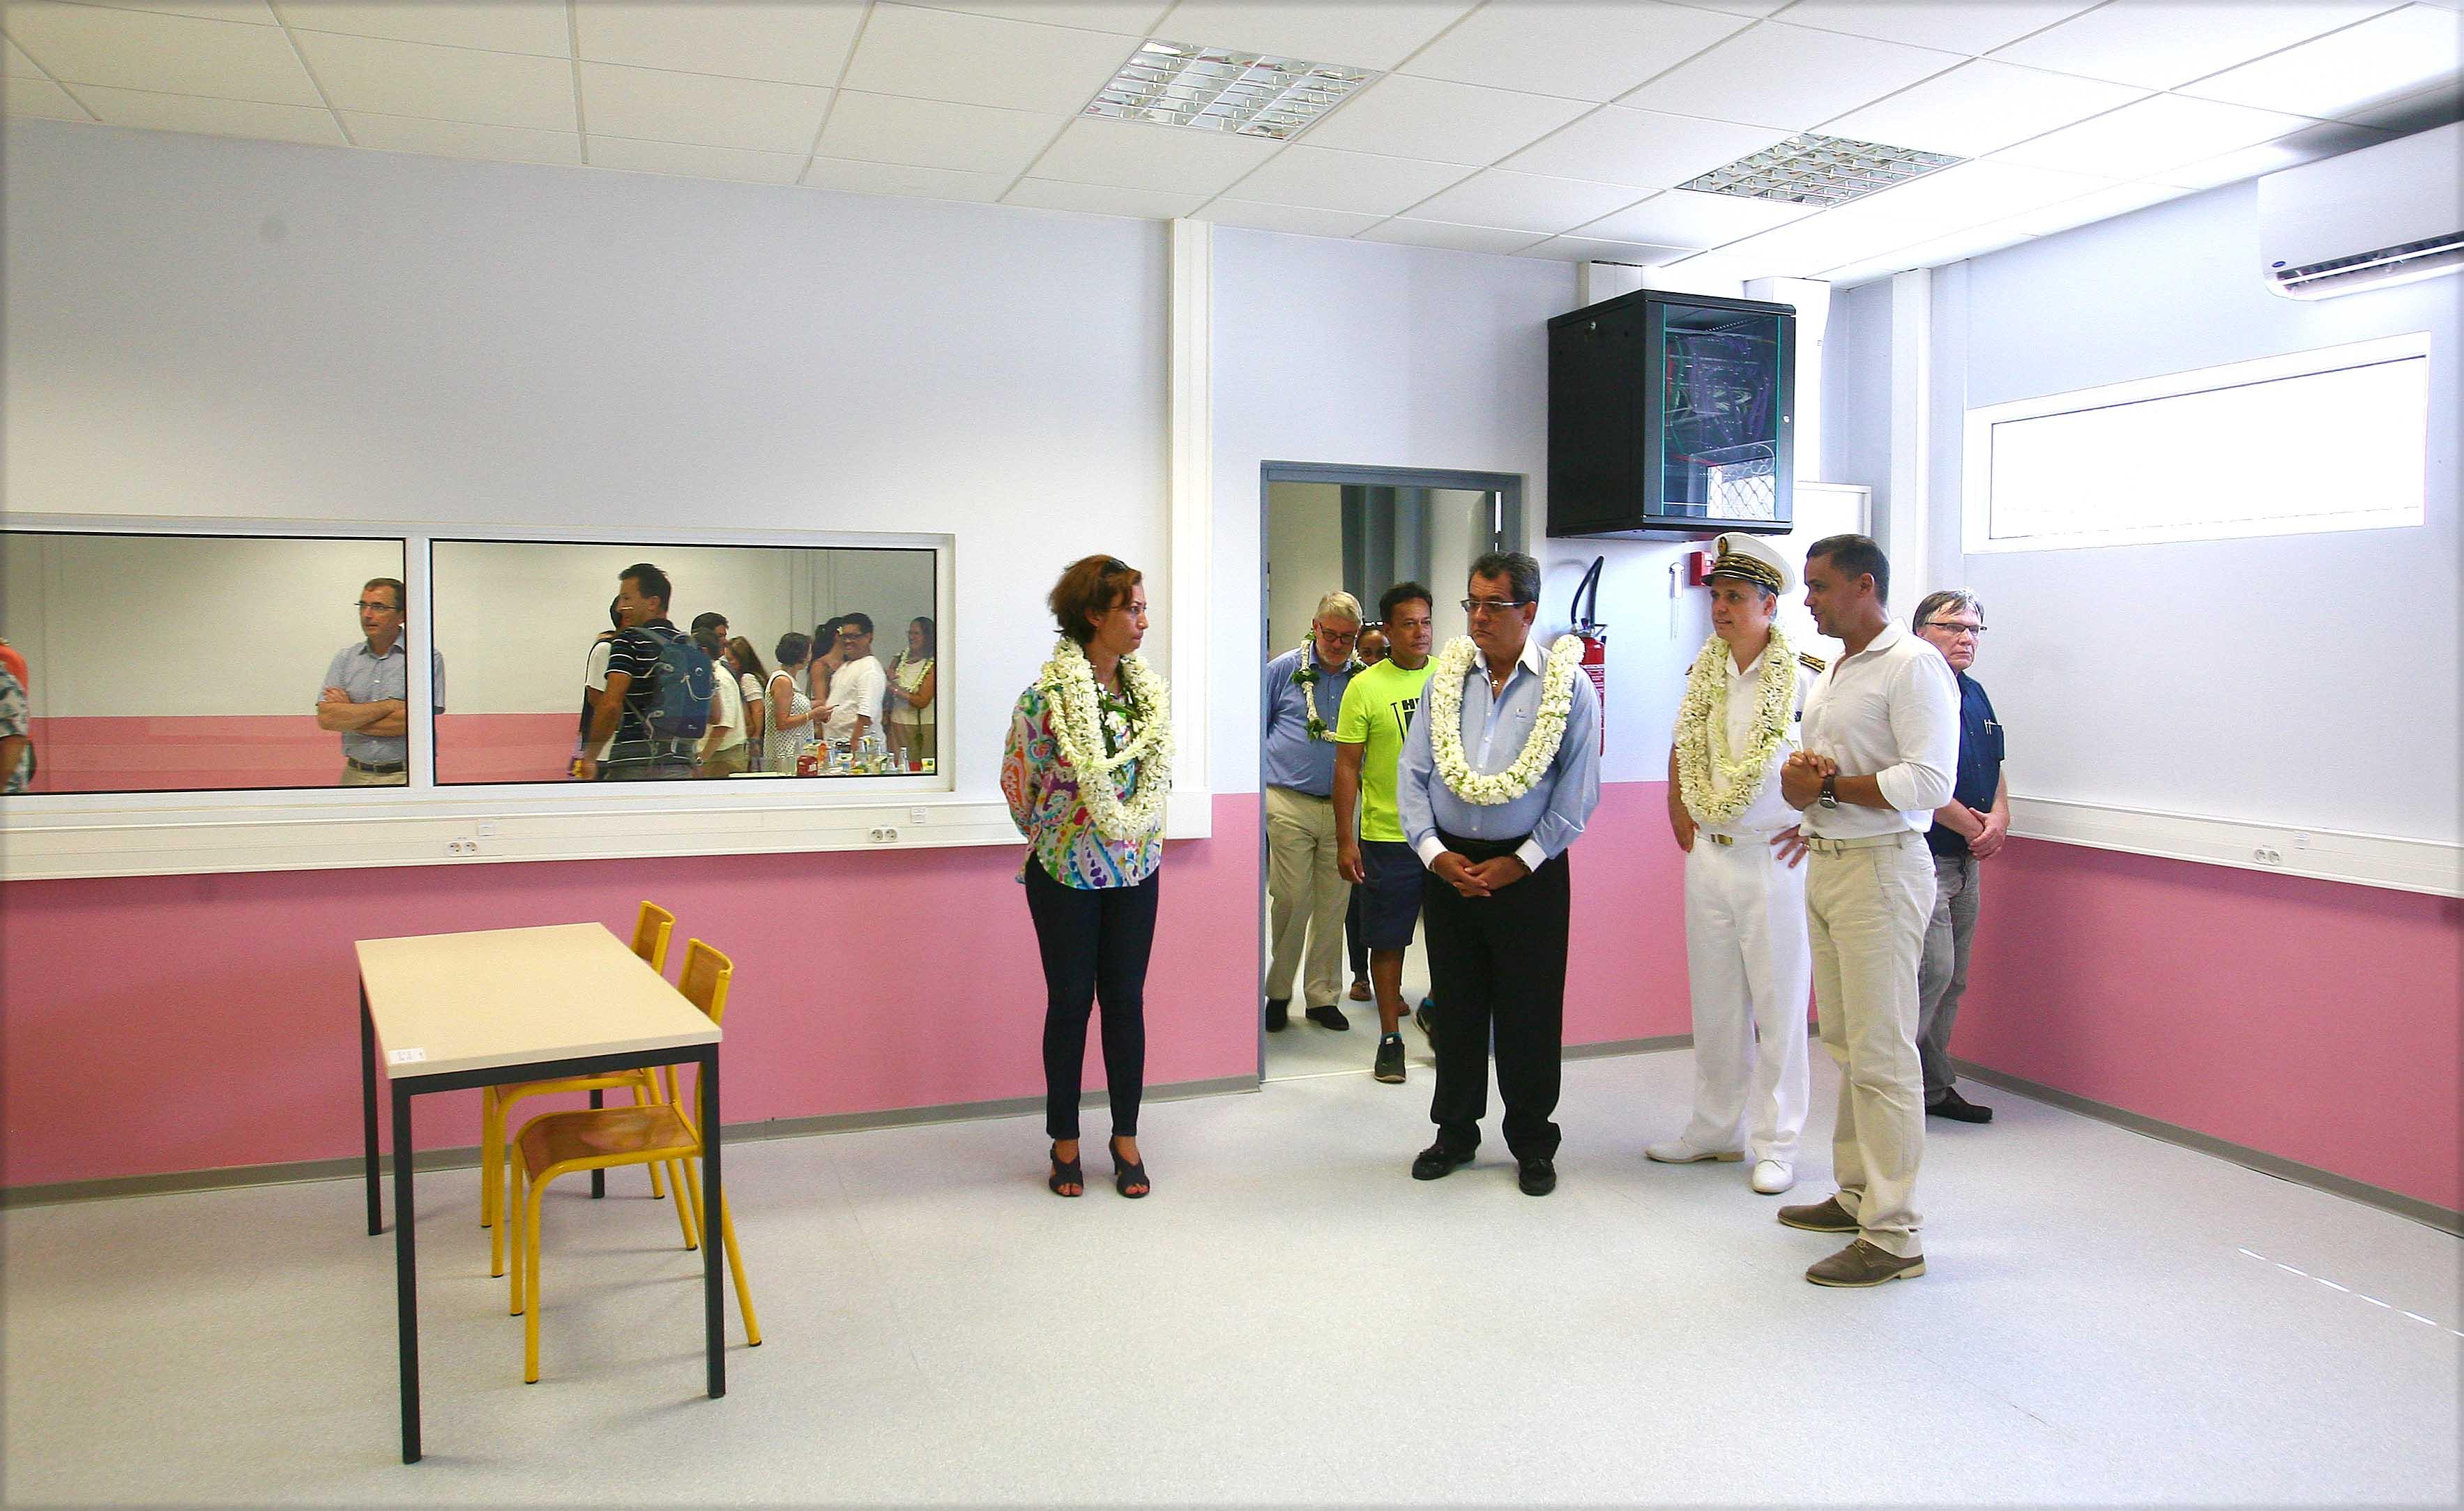 Les nouveaux locaux de la cité scolaire de Taaone inaugurés